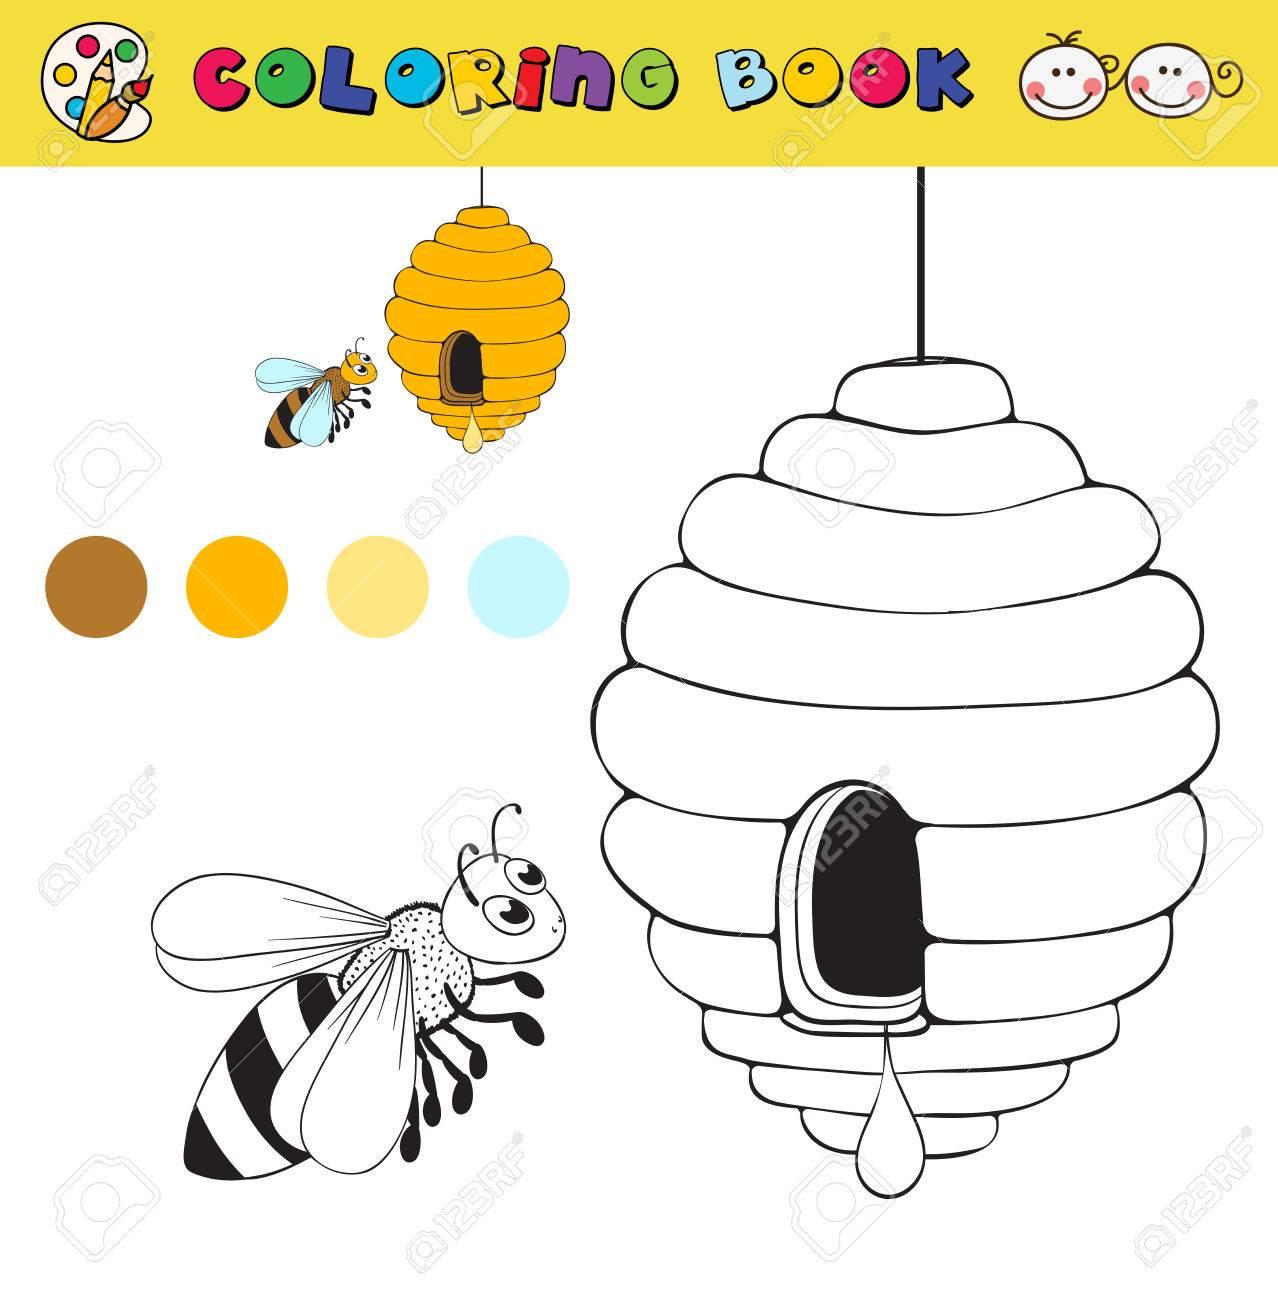 Coloriage Page Du Livre Modèle Avec Des échantillons De Ruches Et Dabeilles Couleur Vecteur Illustraton